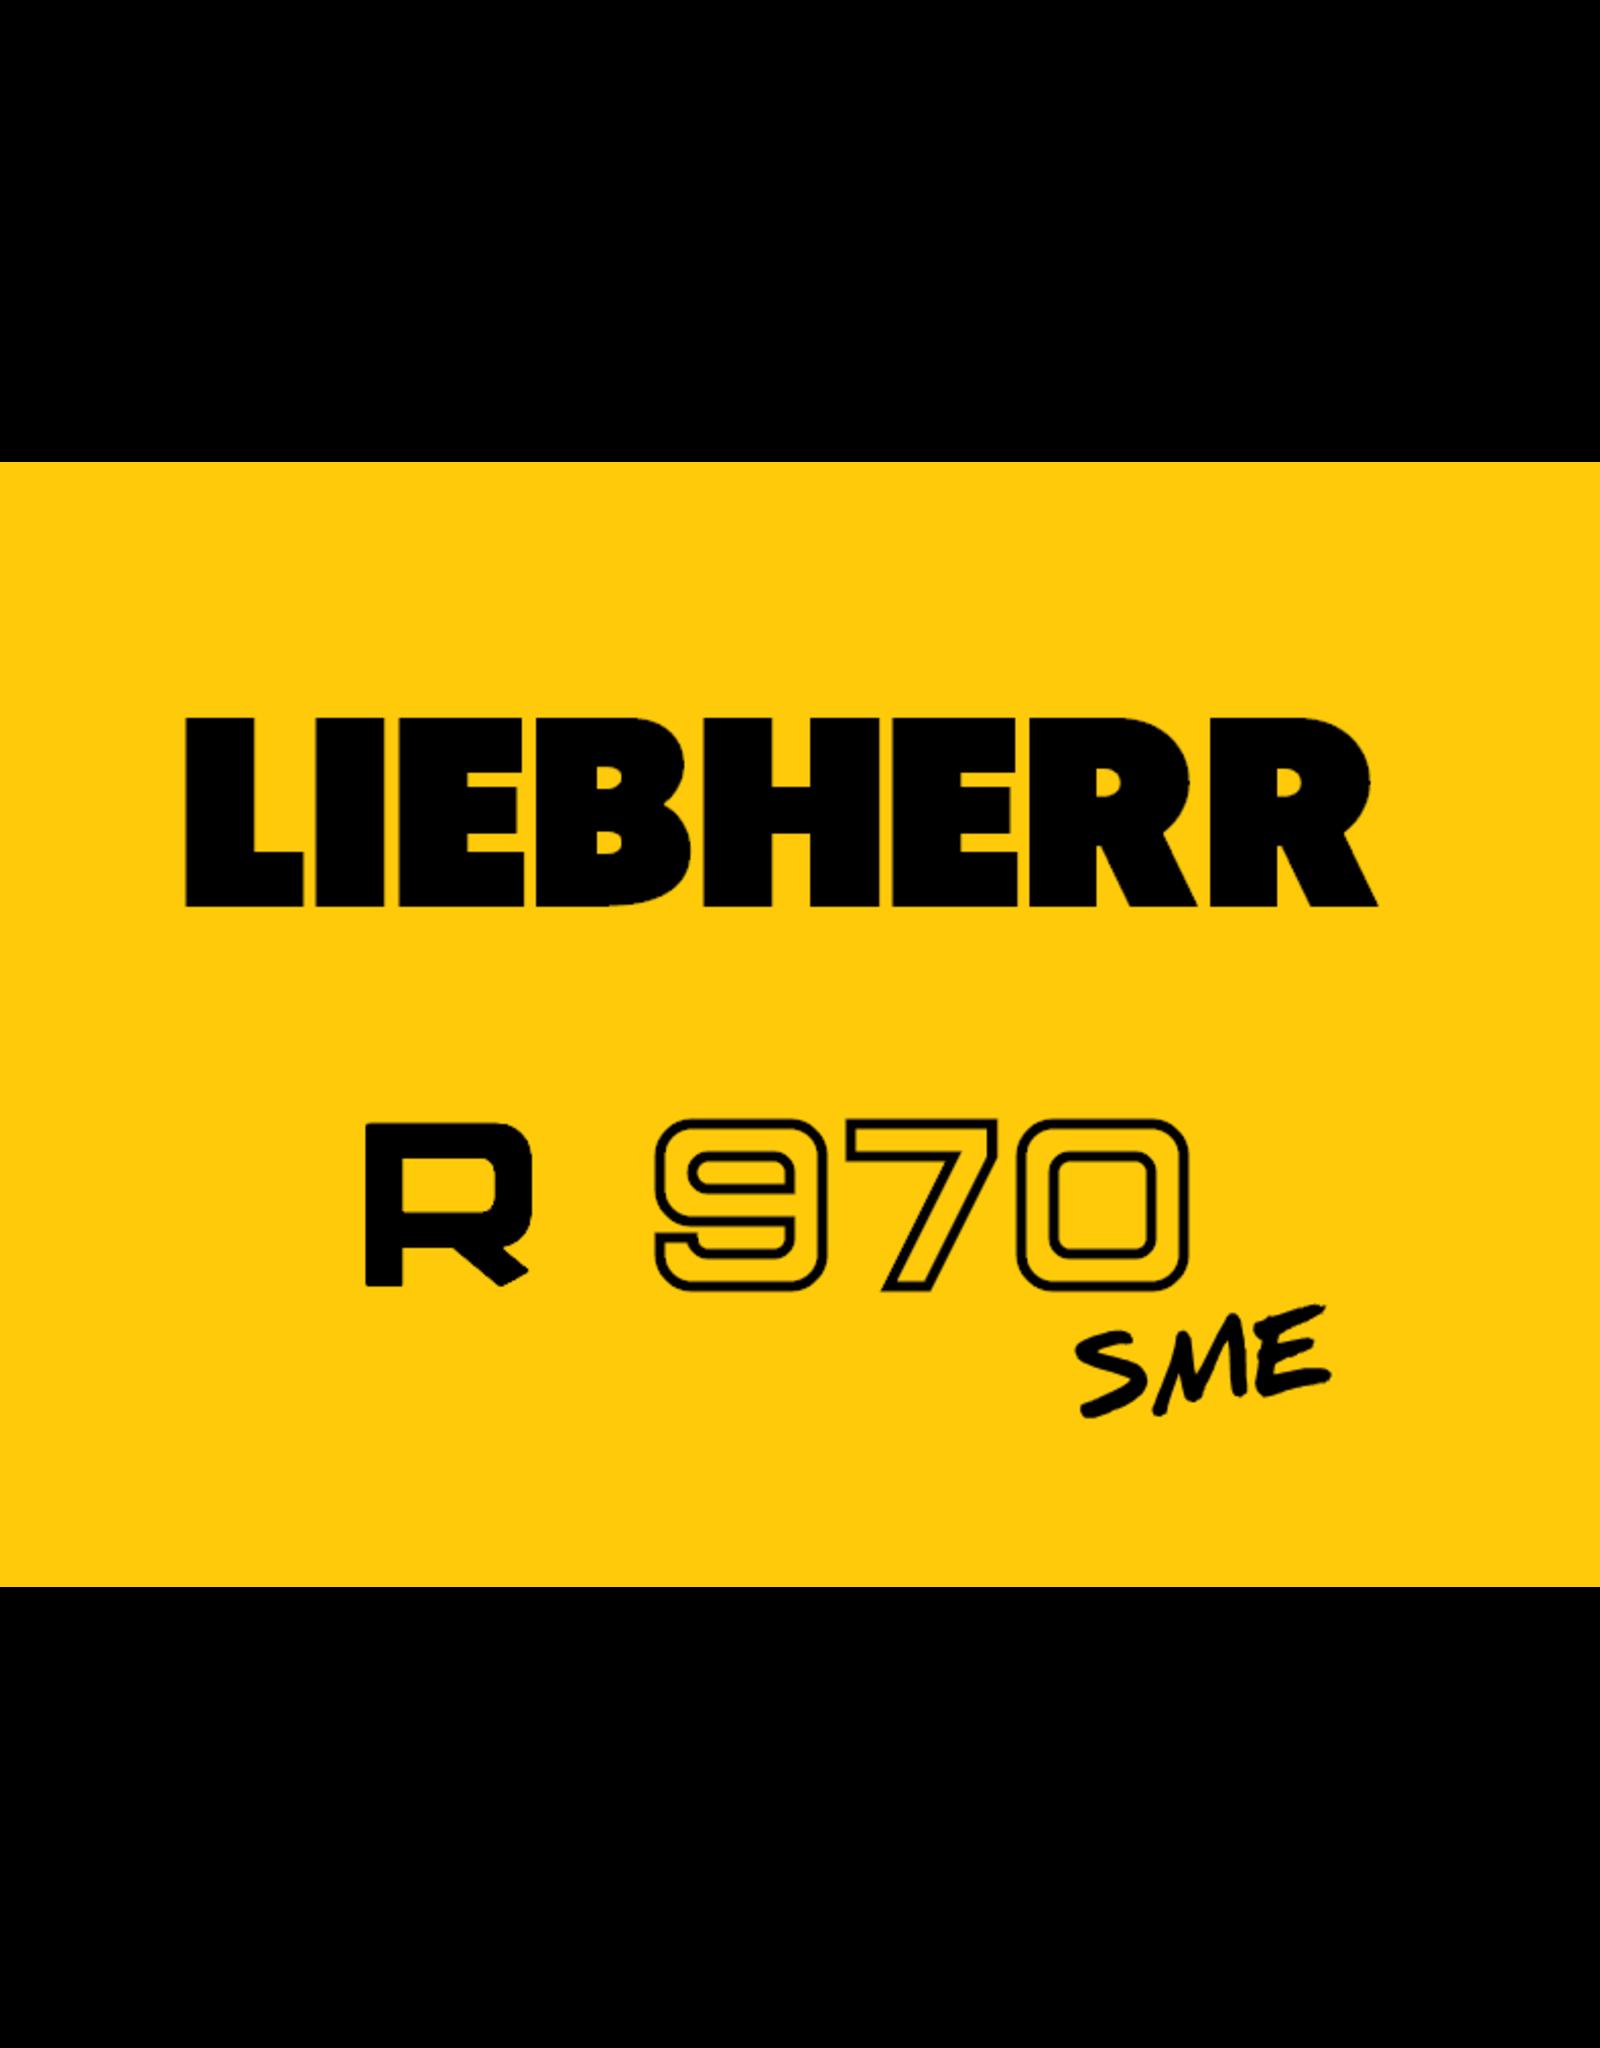 Echle Hartstahl GmbH FOPS für Liebherr R 970 SME